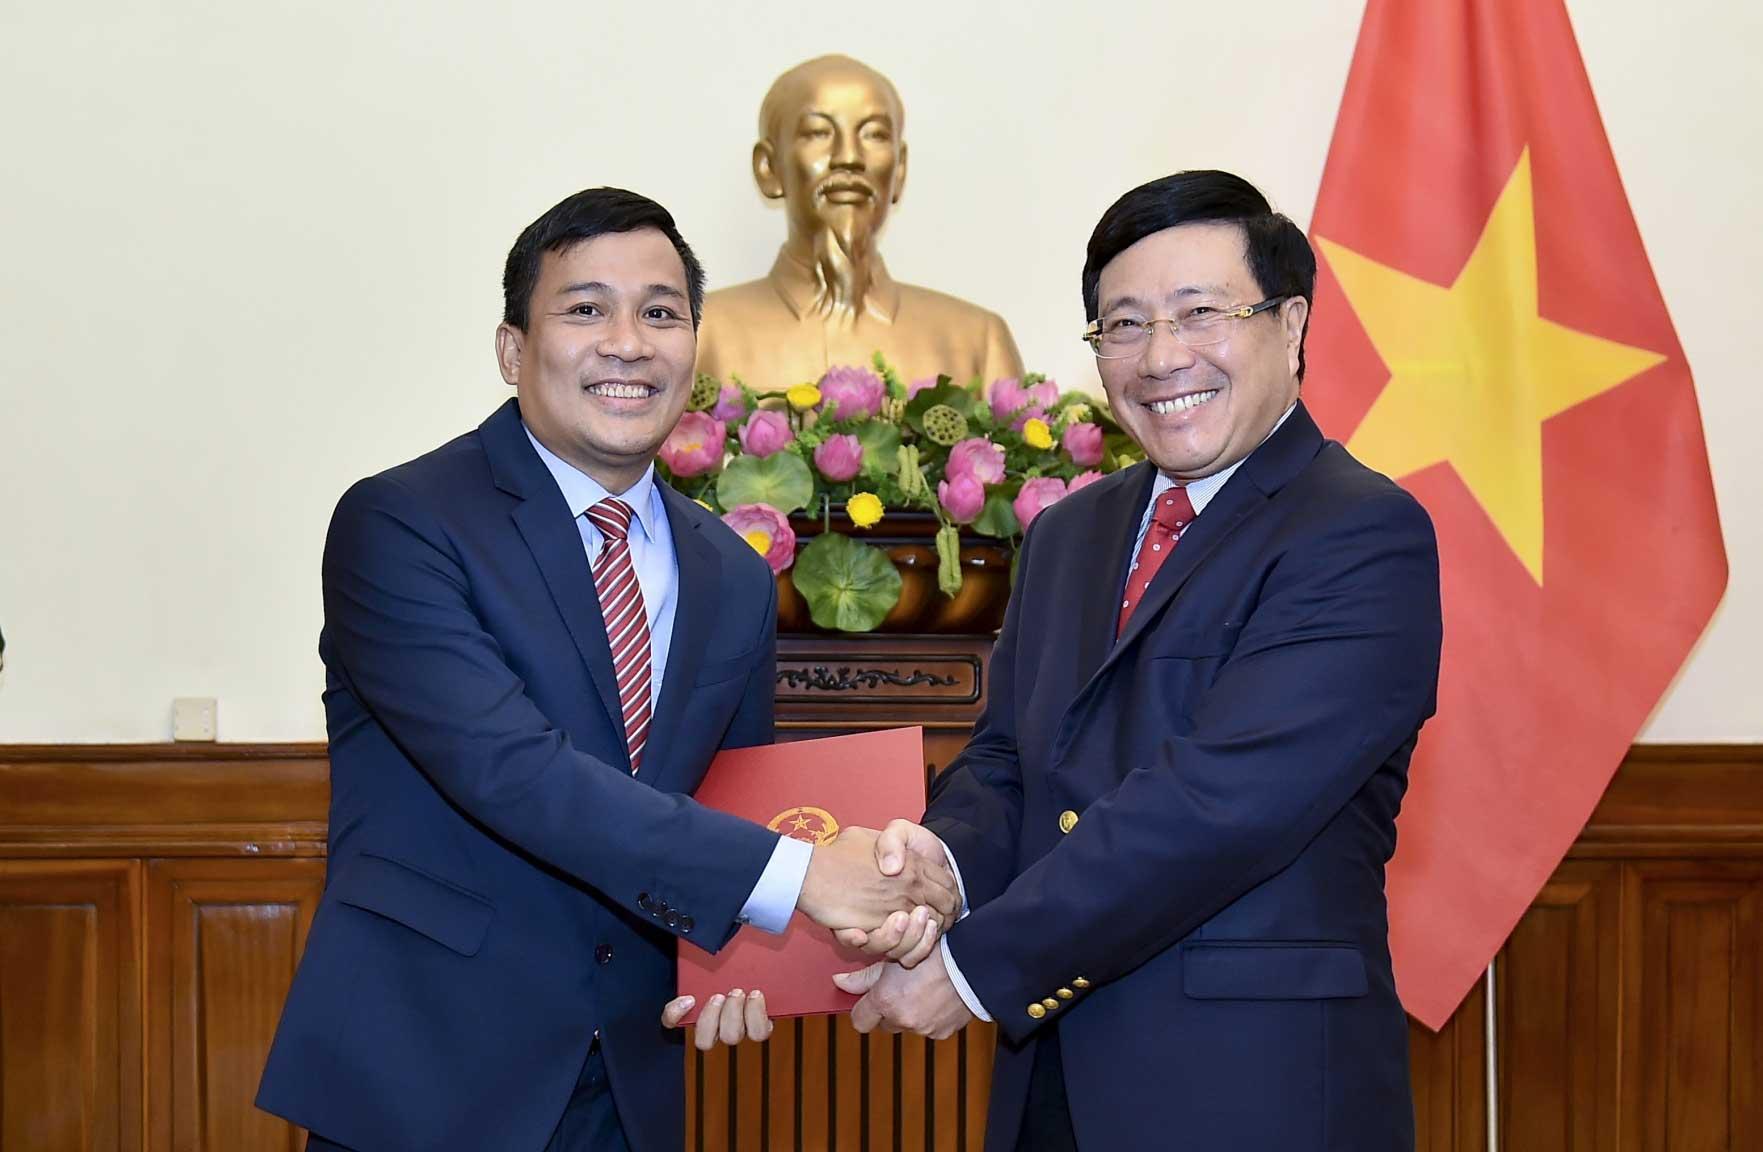 越南外交部对外政策司司长阮明武升任外交部副部长